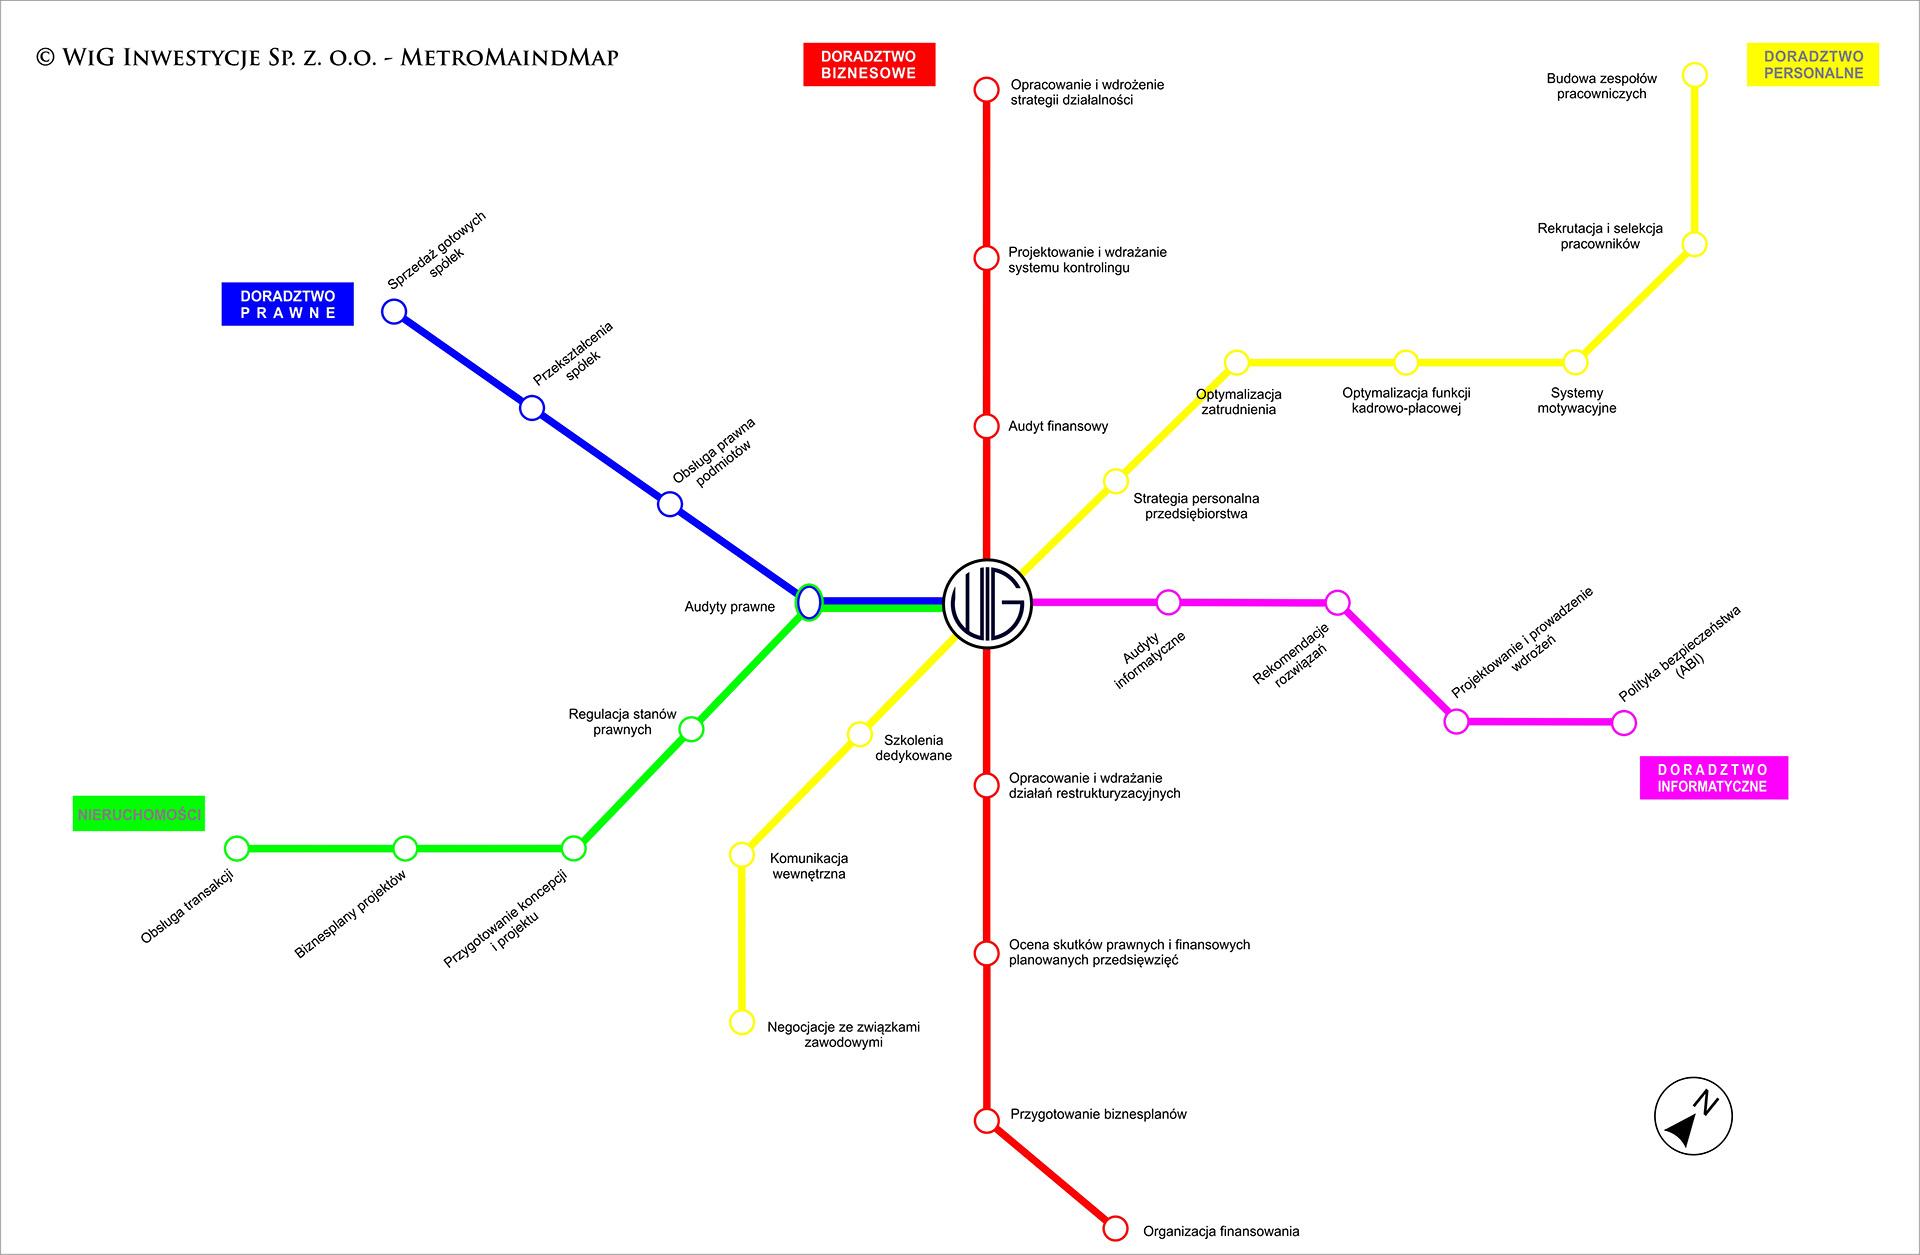 WiG Inwestycje Sp. z o.o. MetroMaindMap